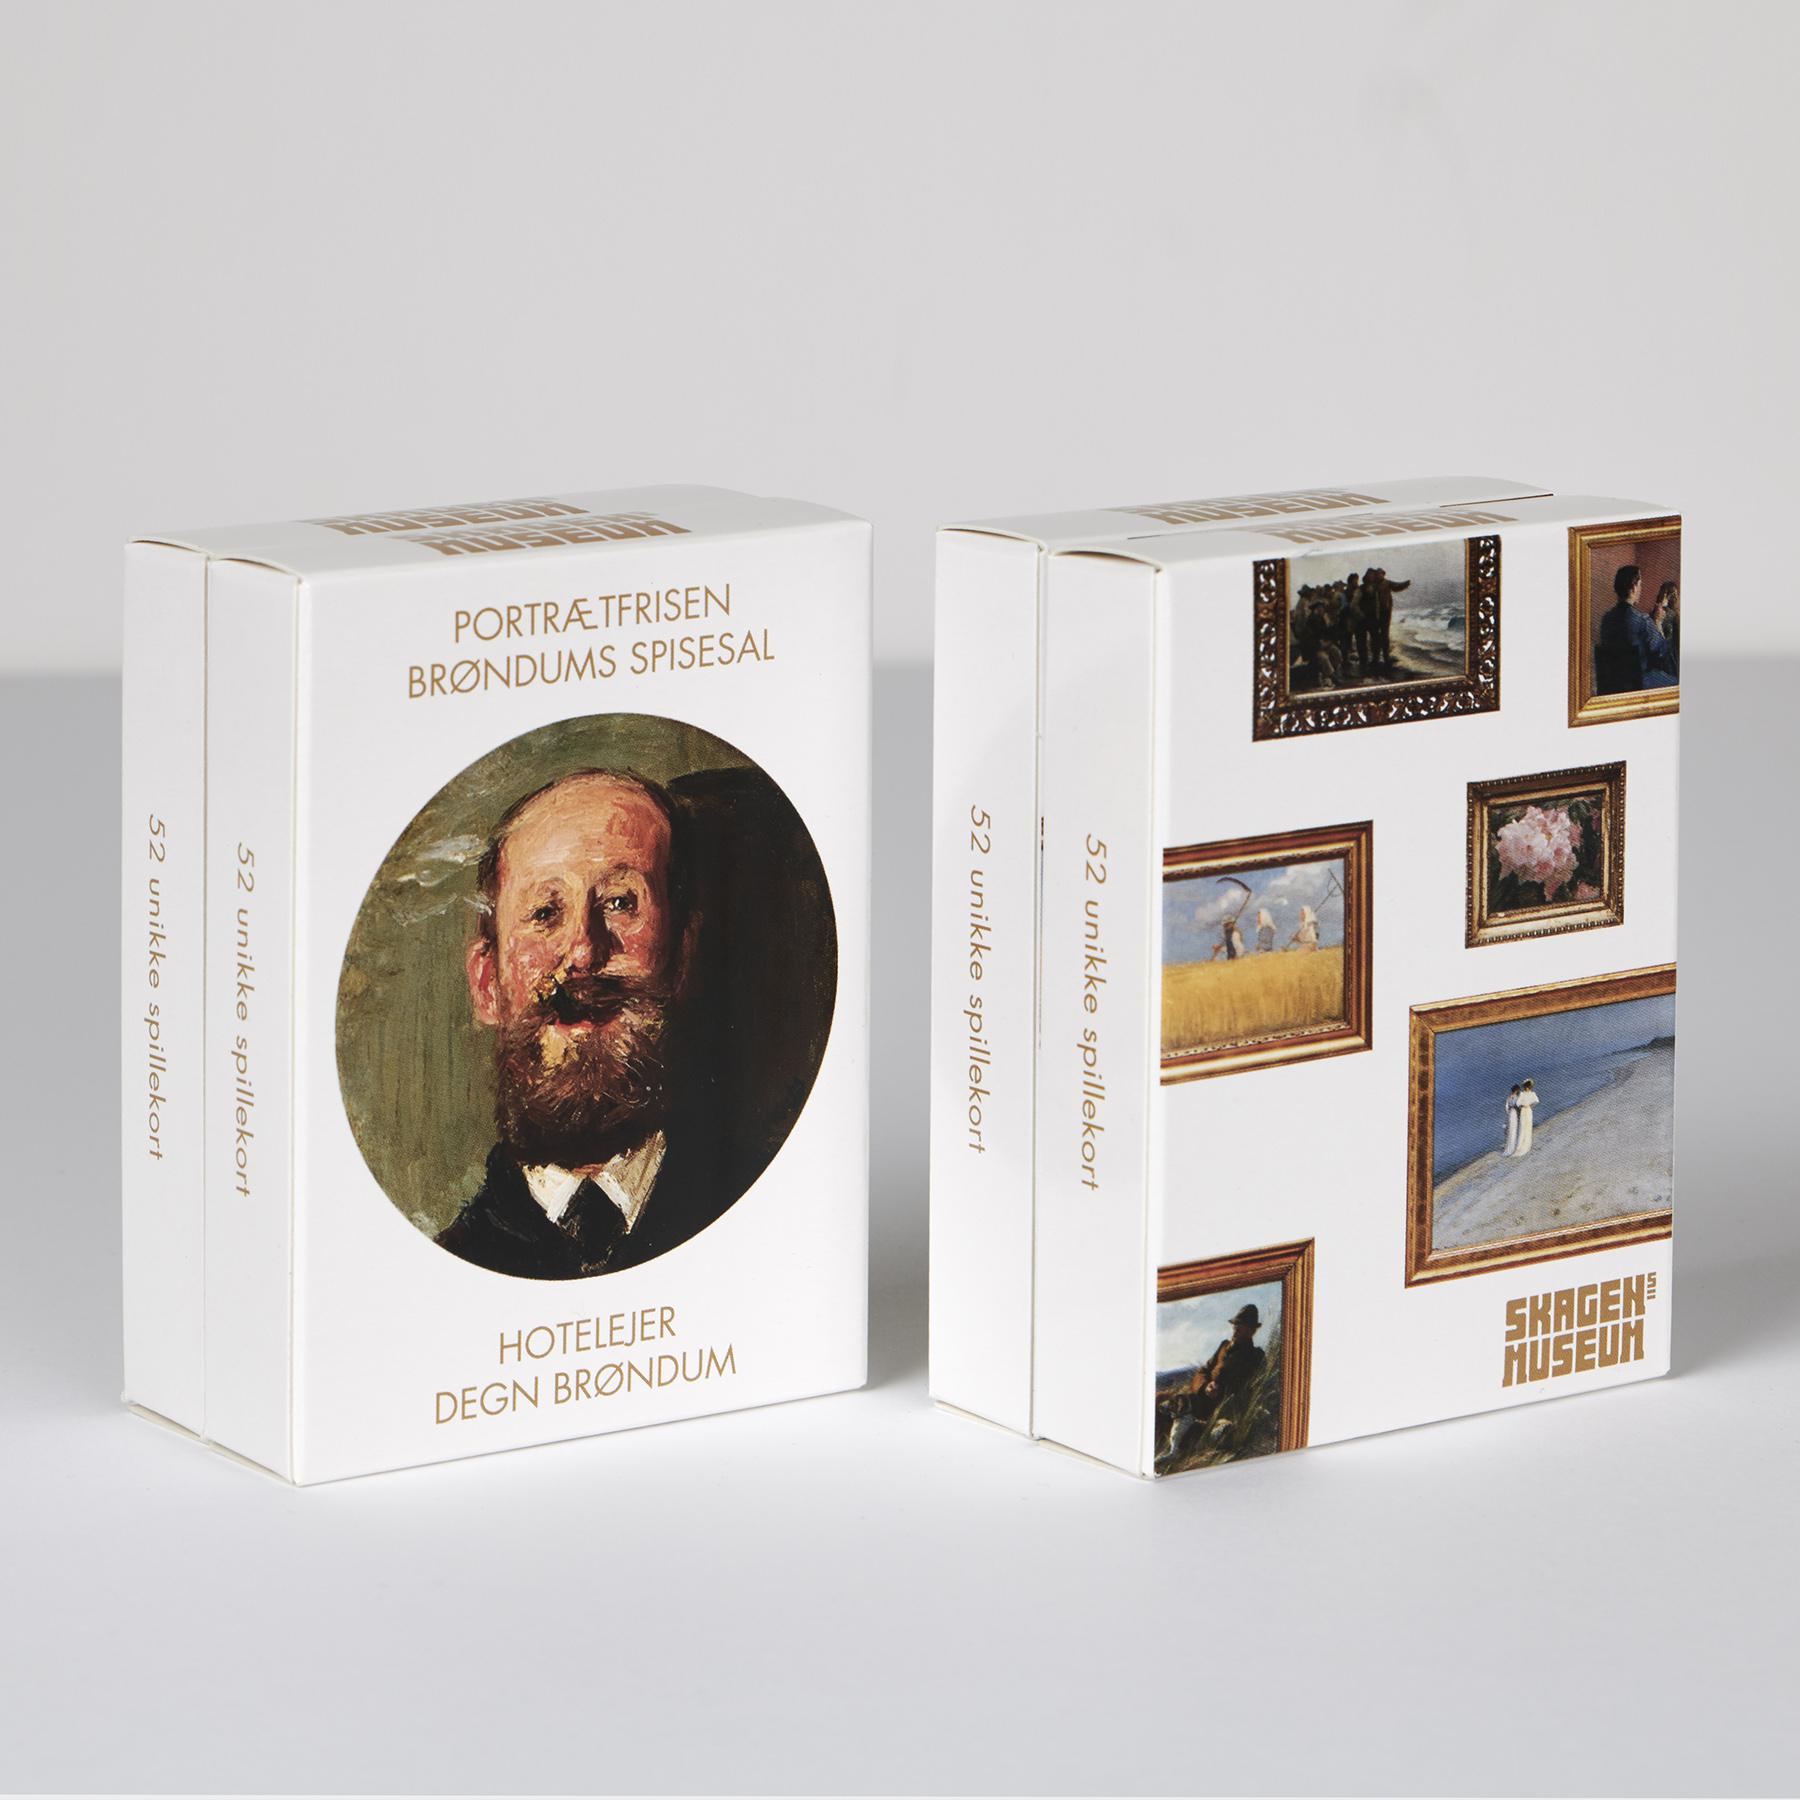 Spillekort | Vælg mellem to motiver | Portrætfrisen fra Brøndums spiselsal eller motiver fra samlingen